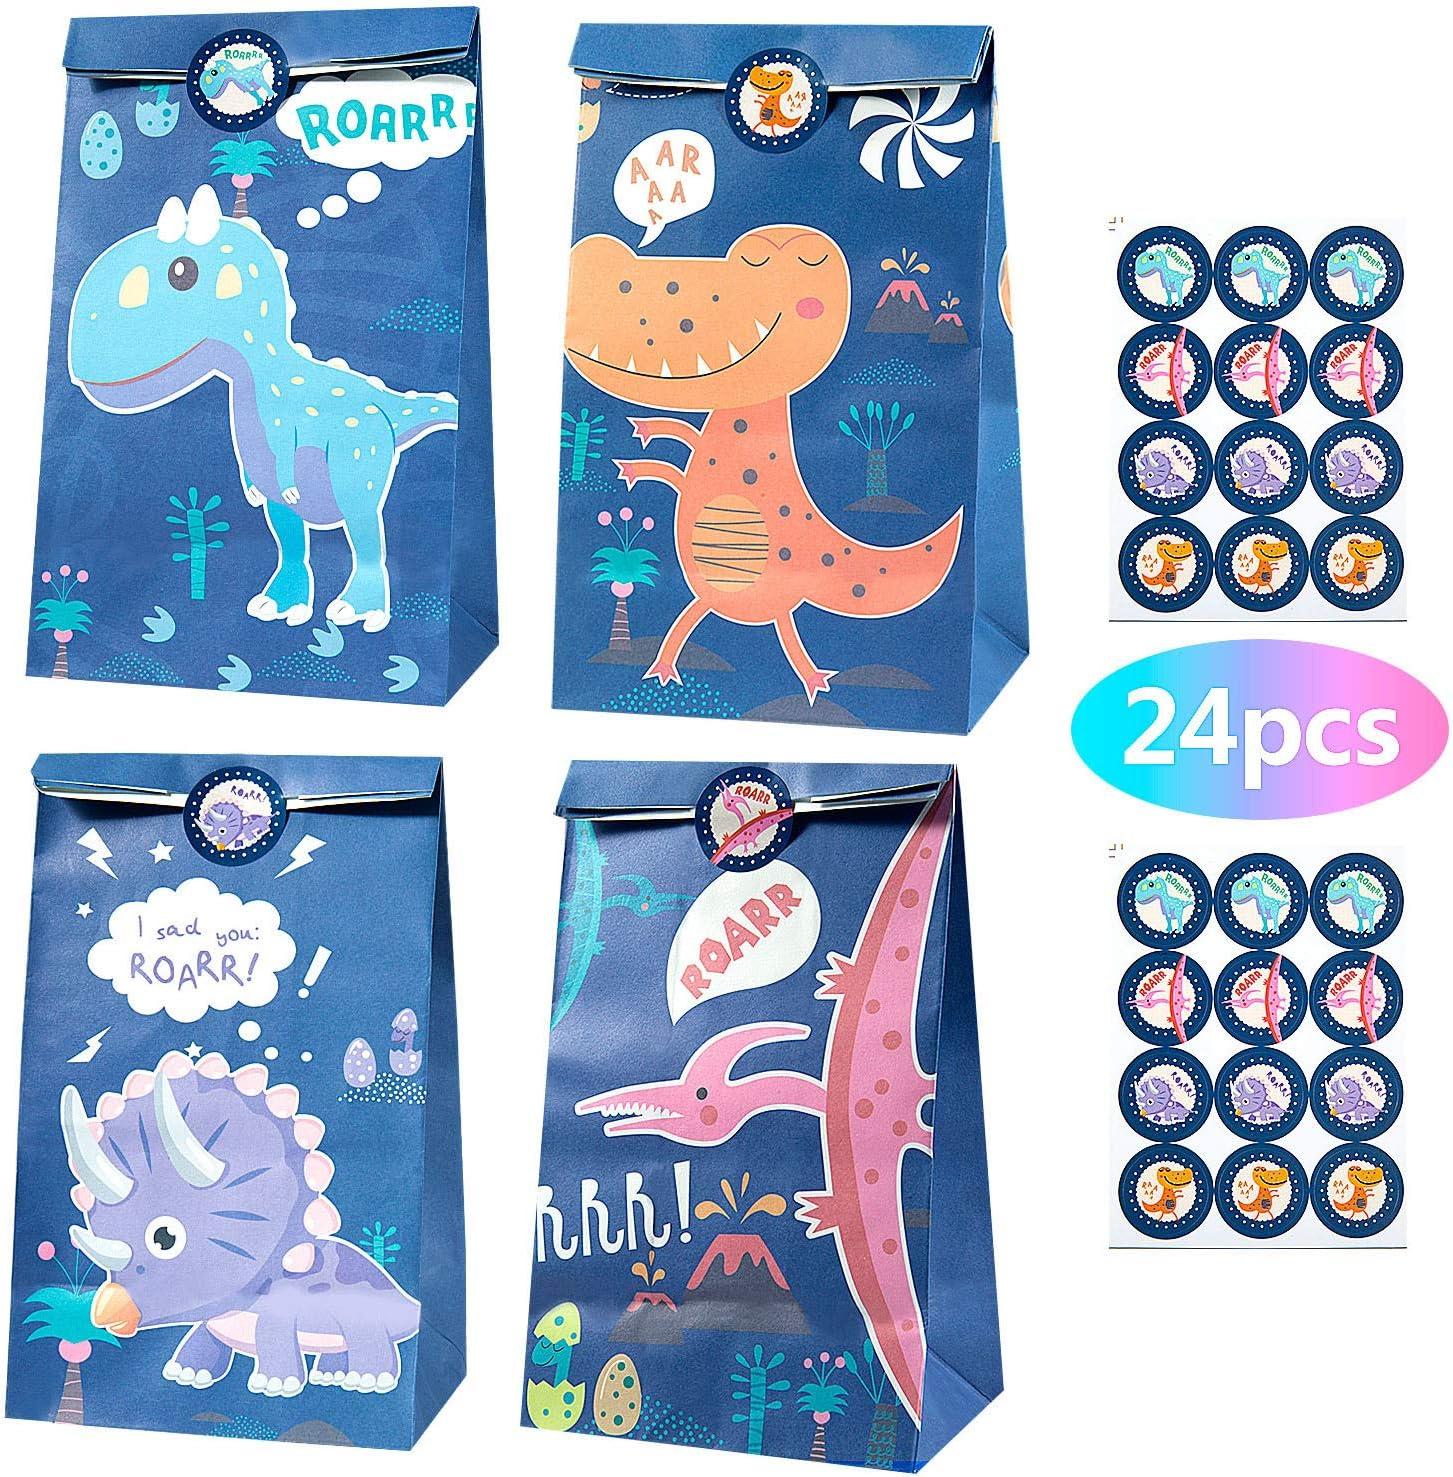 MOOKLIN ROAM 24 piezas Dinosaurio Bolsas de Papel Regalo Kraft Bolsa de Fiesta Biodegradable Regalos Comunión con 24 Pegatinas para Pascua Boda, Niños Suministros Fiesta de Cumpleaños, 4 Estilos